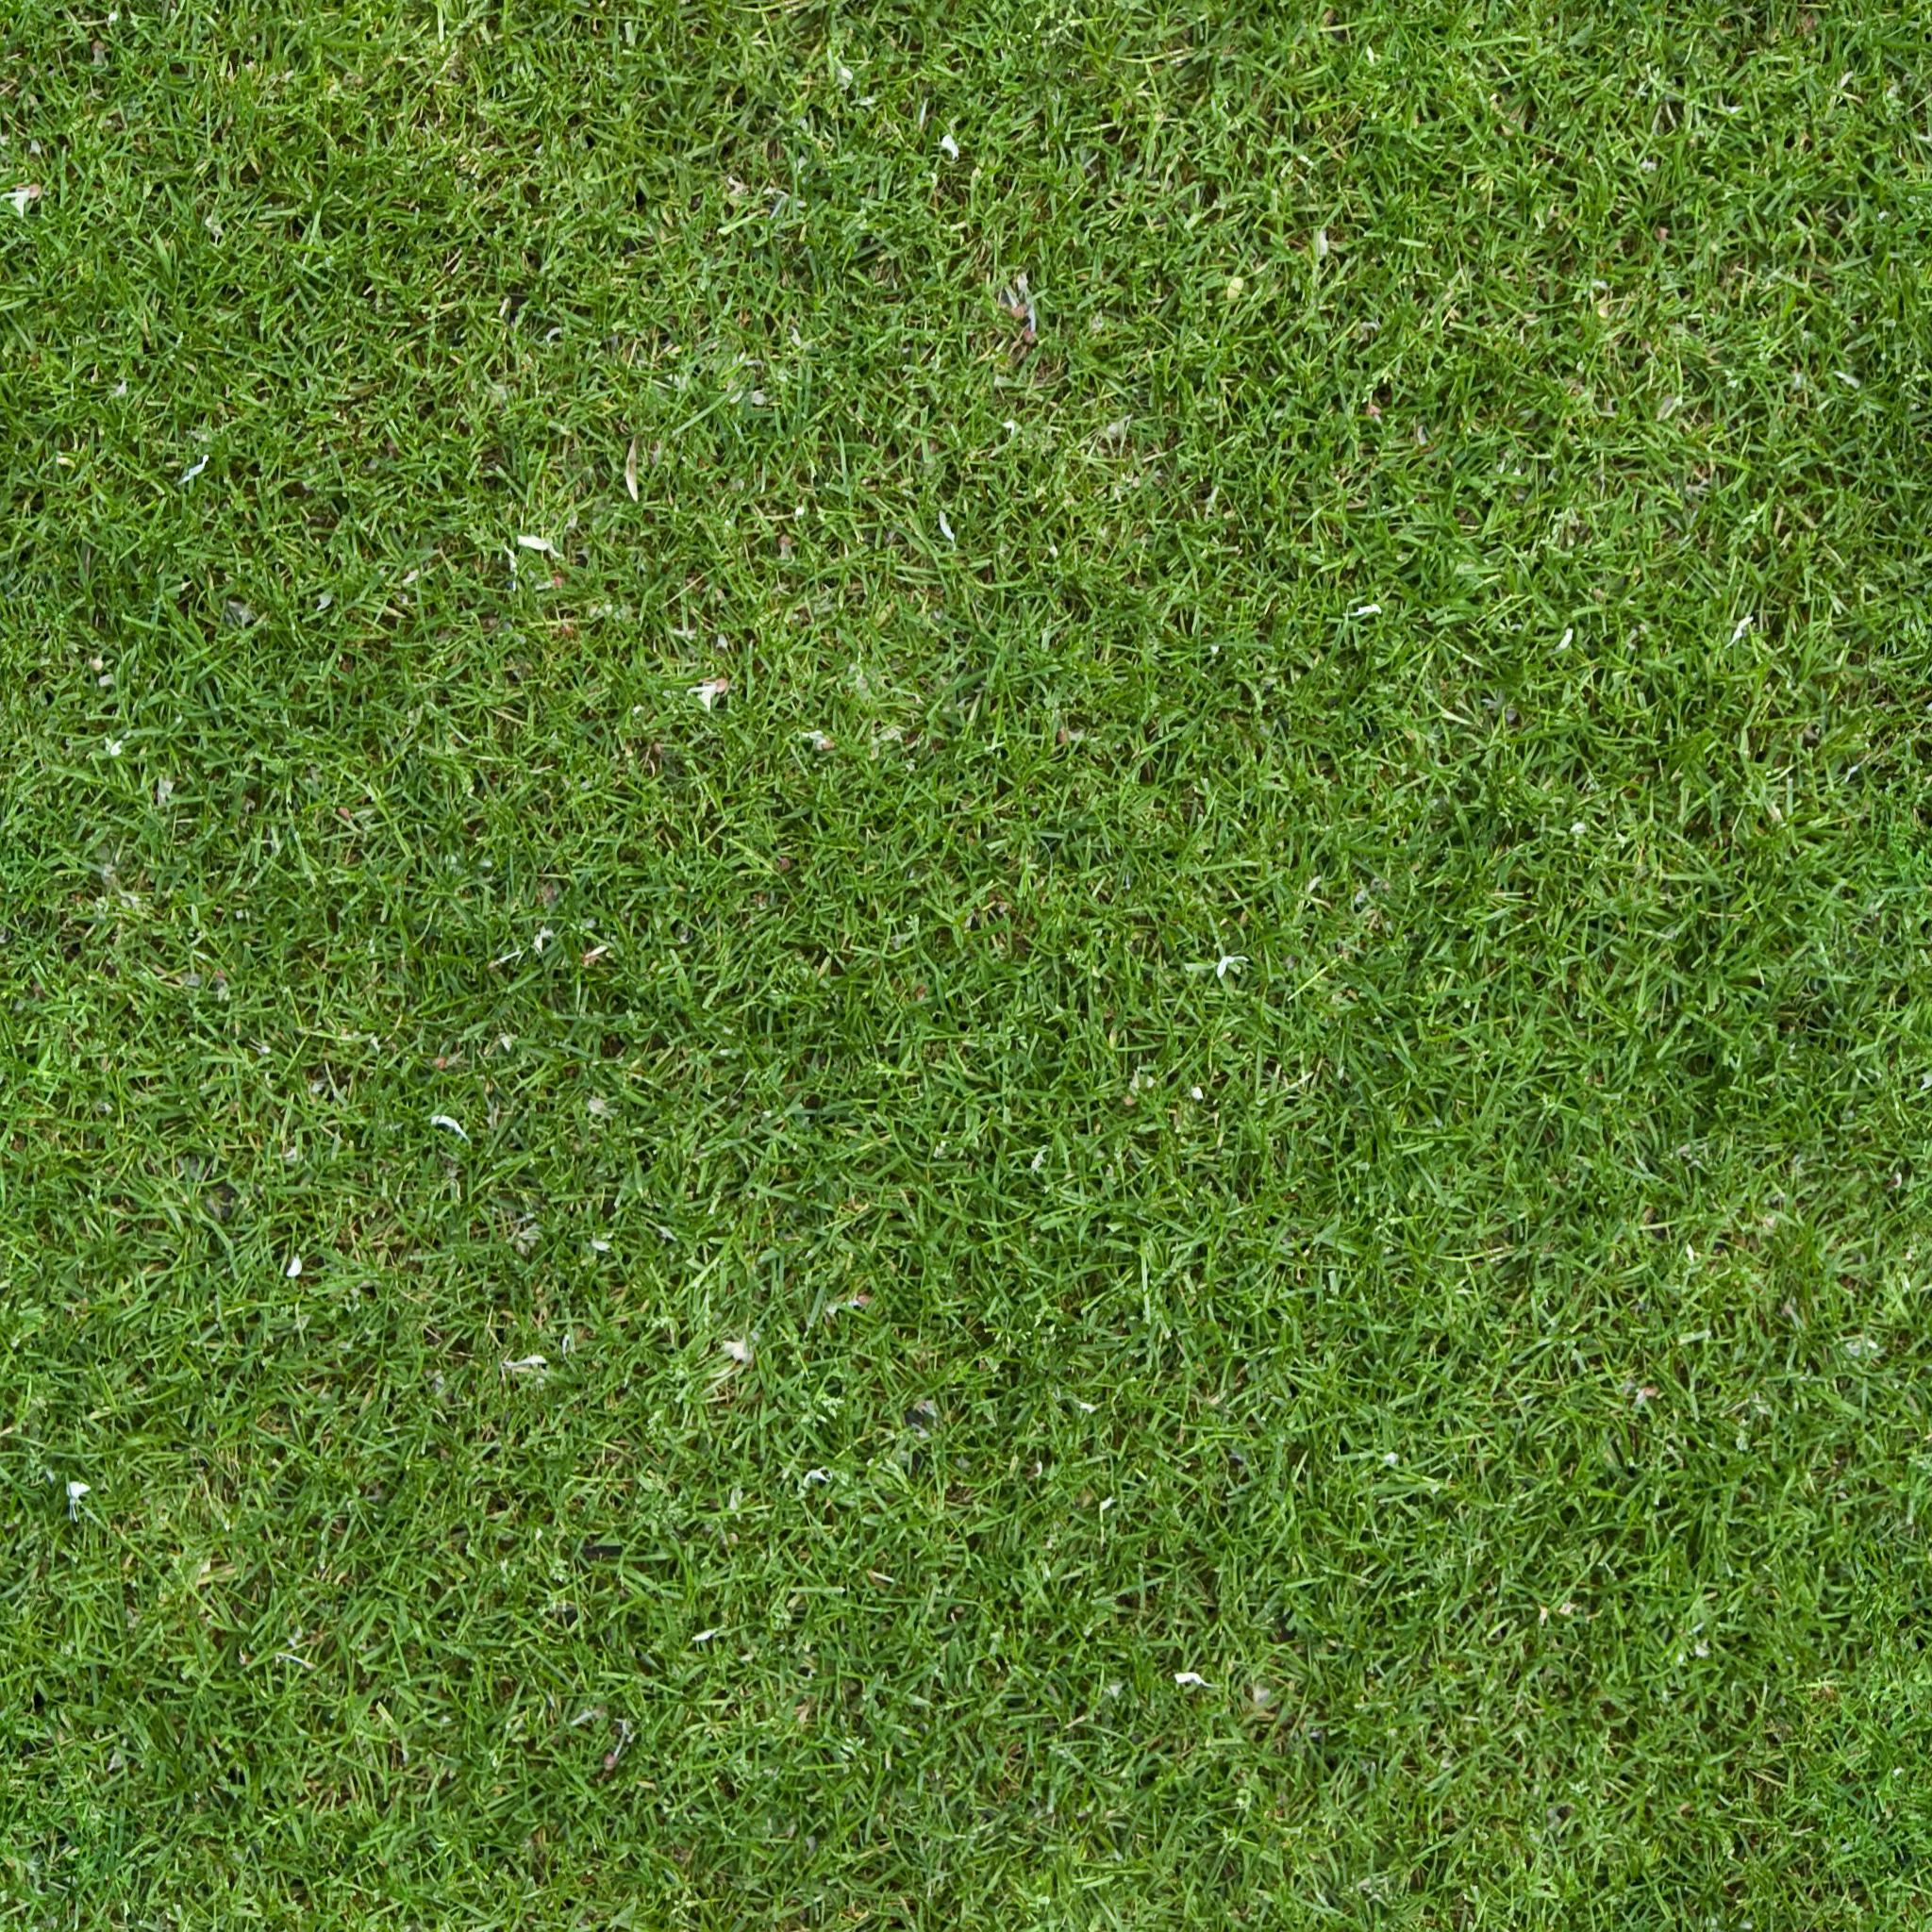 GrassGreenTexture0002.jpg